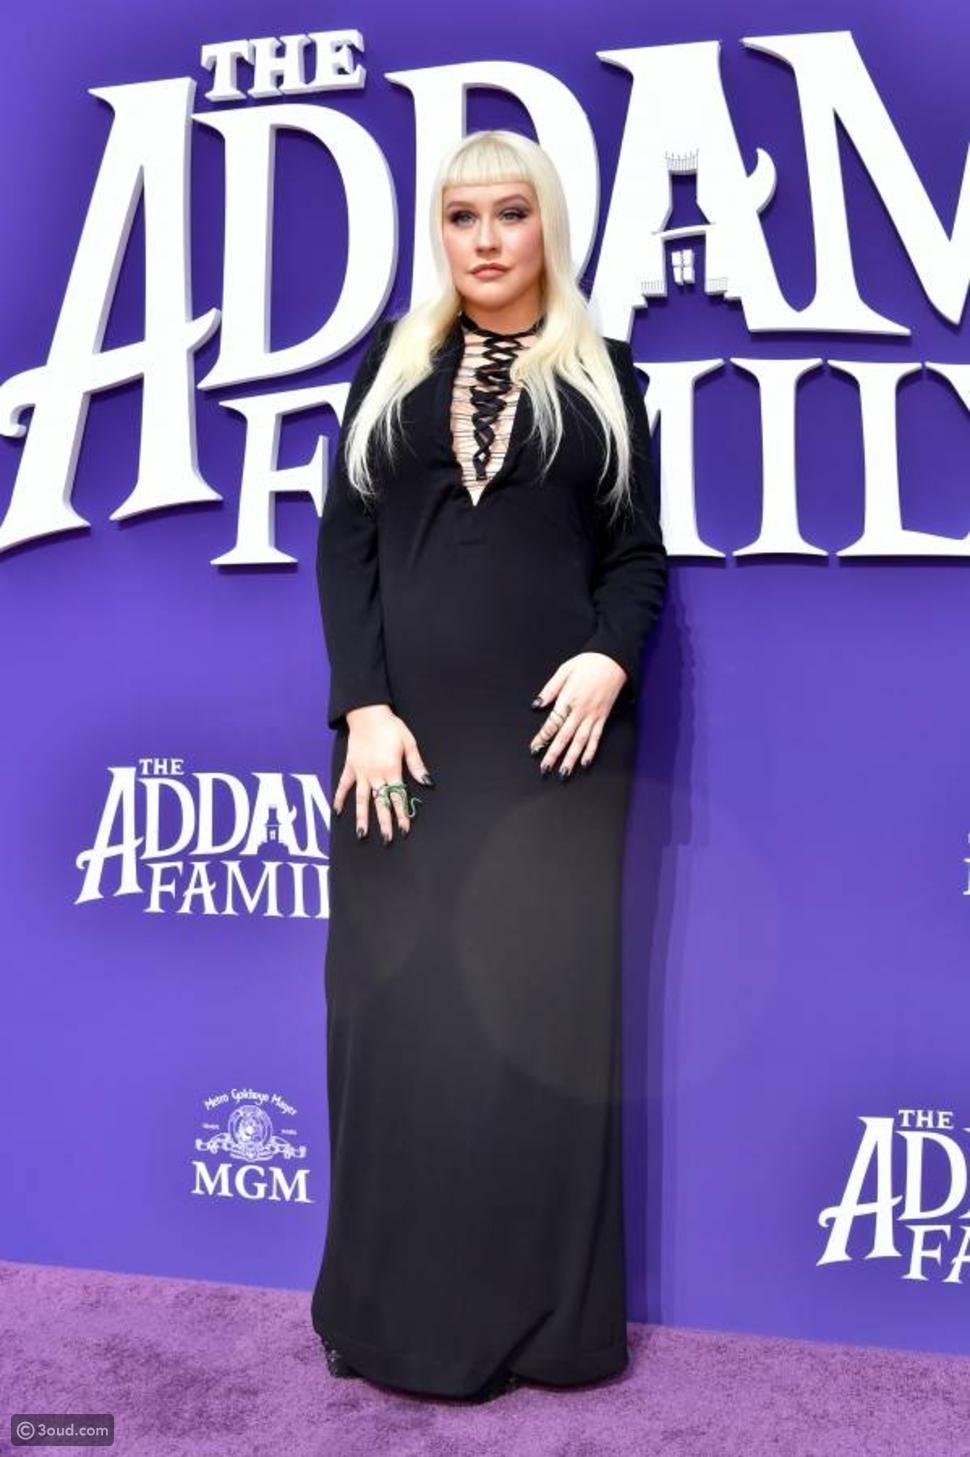 كريستينا أغيليرا بإطلالة مختلفة في افتتاح فيلم THE ADDAMS FAMILY